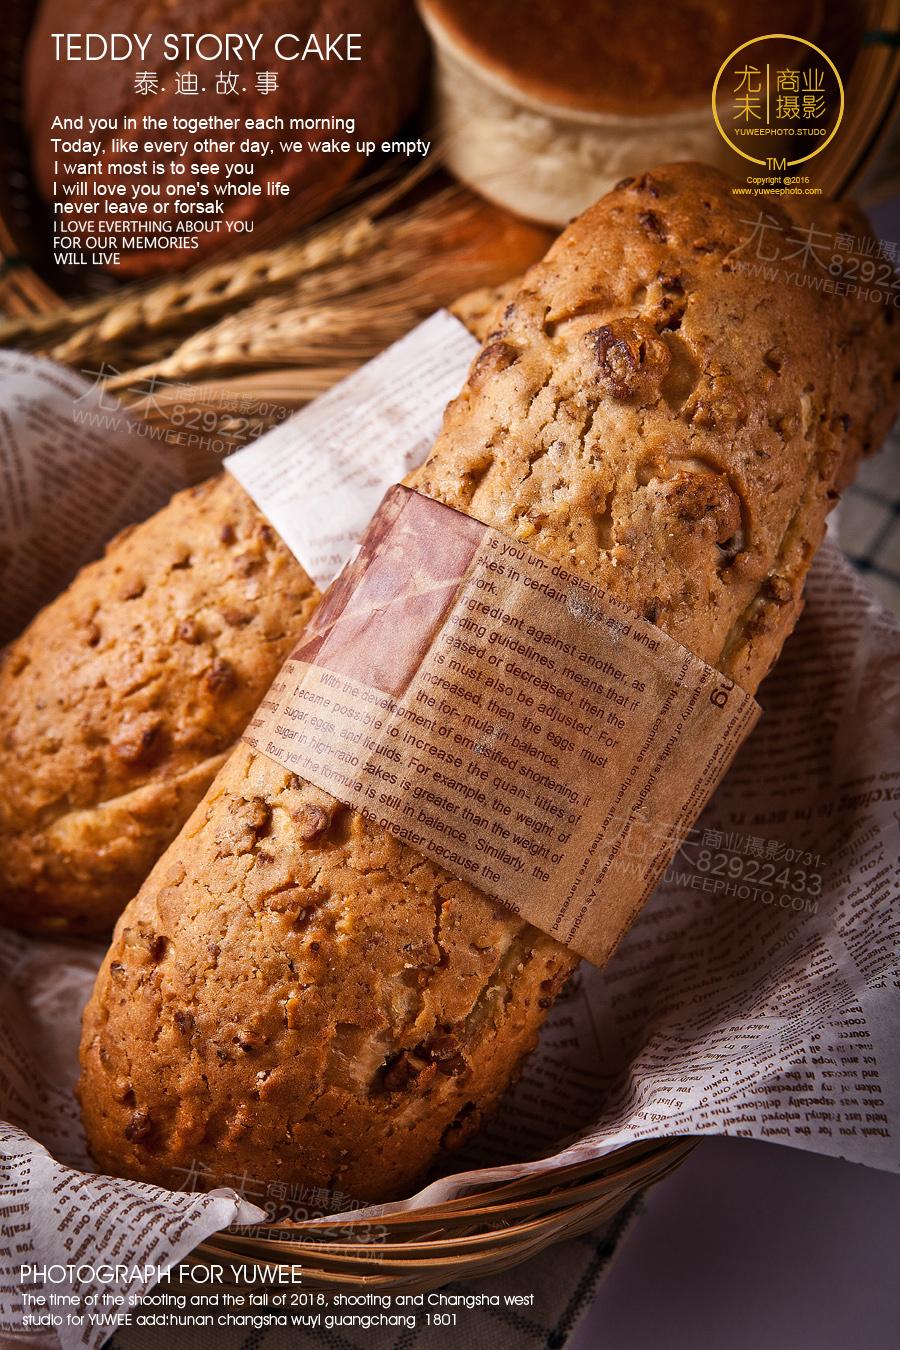 画册图片拍摄,产品广告摄影 设计方案: 泰迪故事面片拍照,长沙面包欧